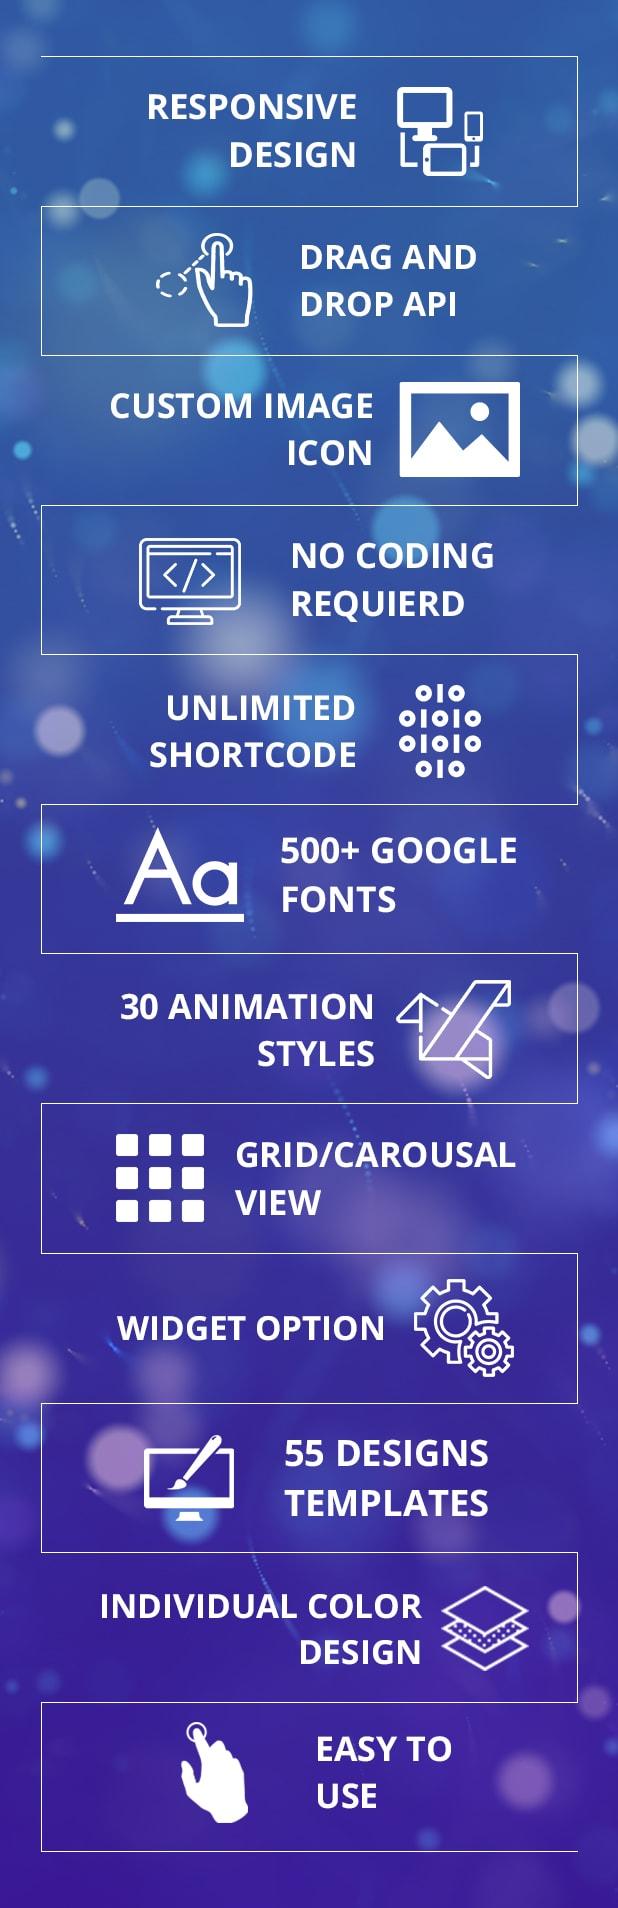 Detalhes do plug-in WordPress do Showcase de serviços